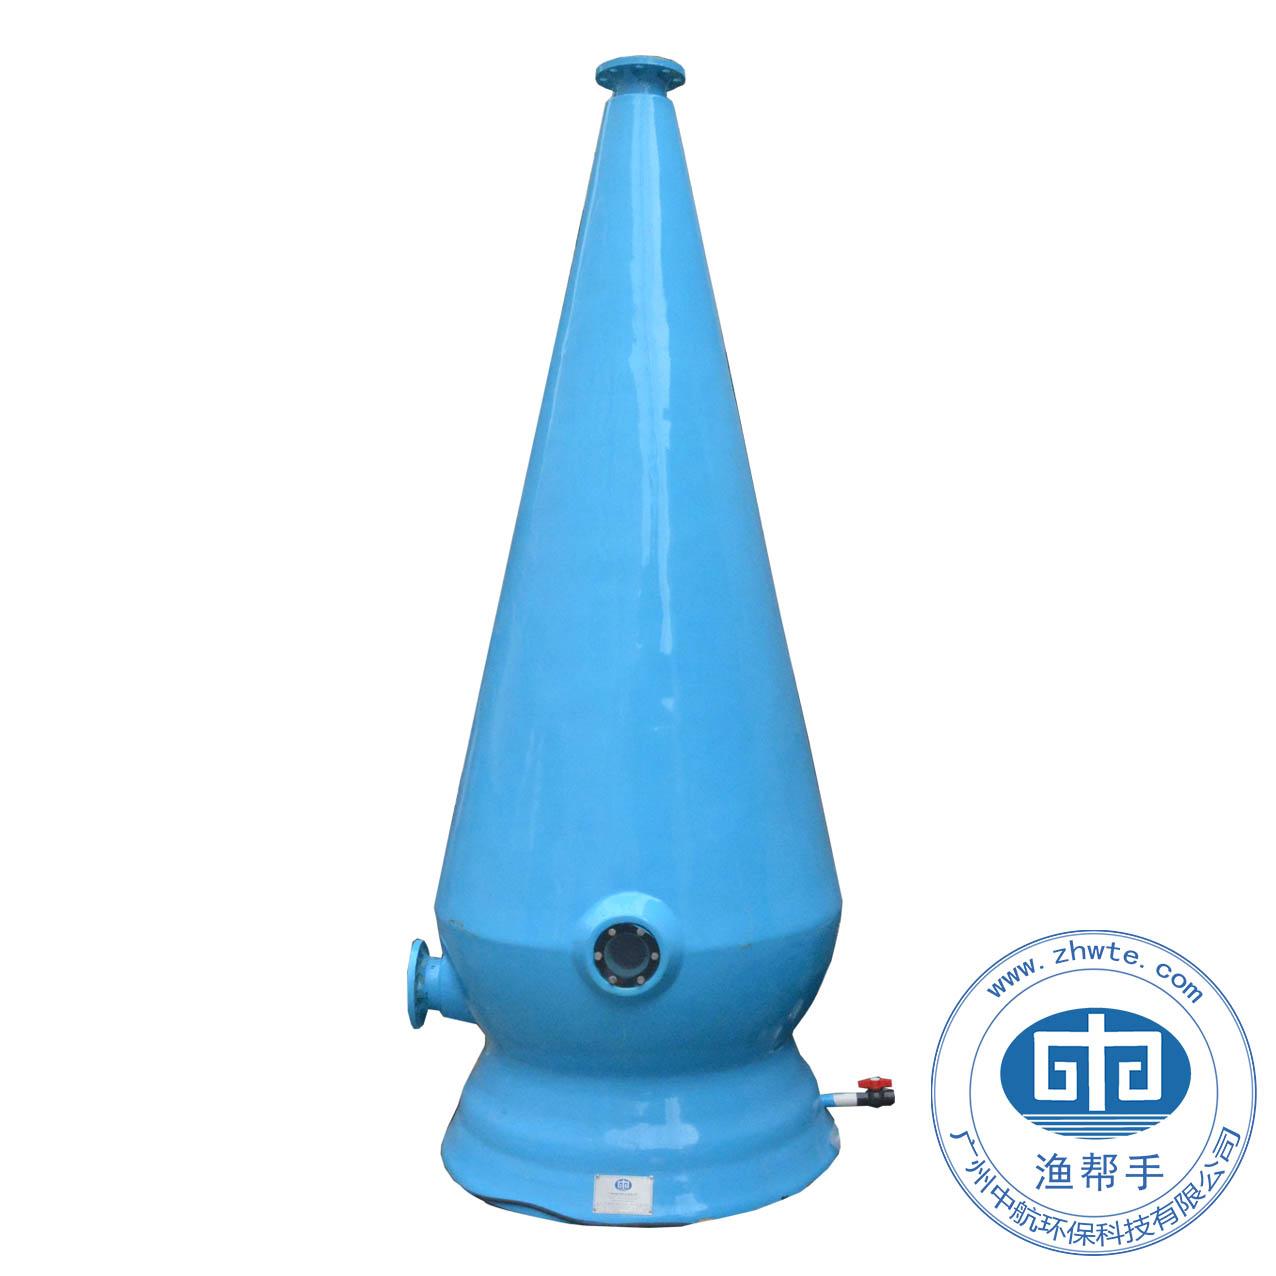 溶氧锥高效溶氧设备水产养殖提高水里溶氧量